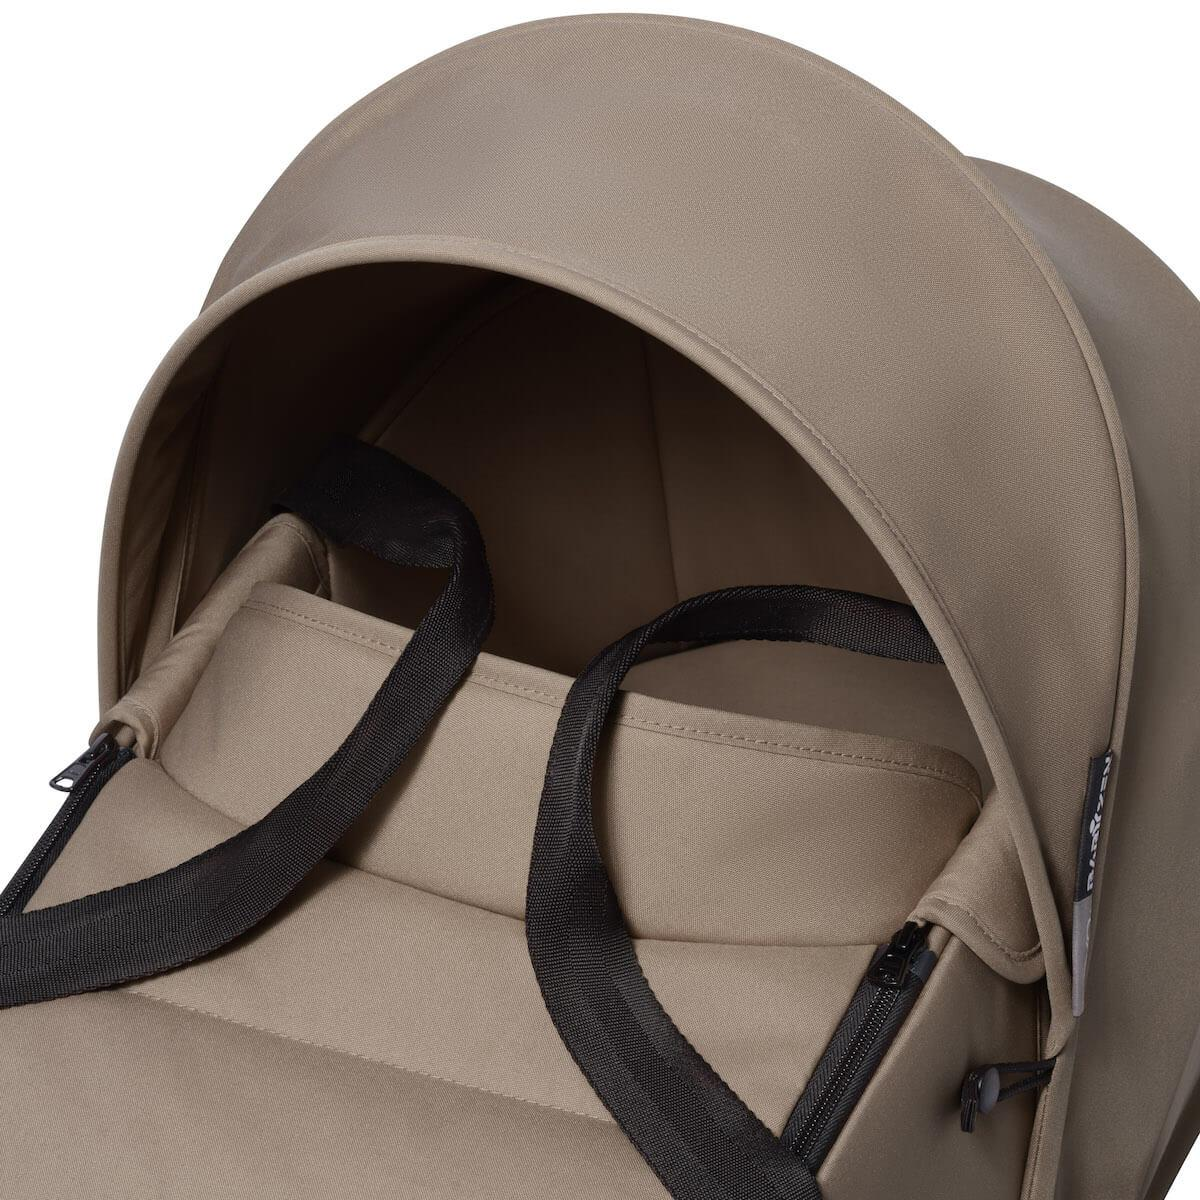 BABYZEN cochecito todo-en-uno YOYO² bassinet car seat 6+ blanco-taupe